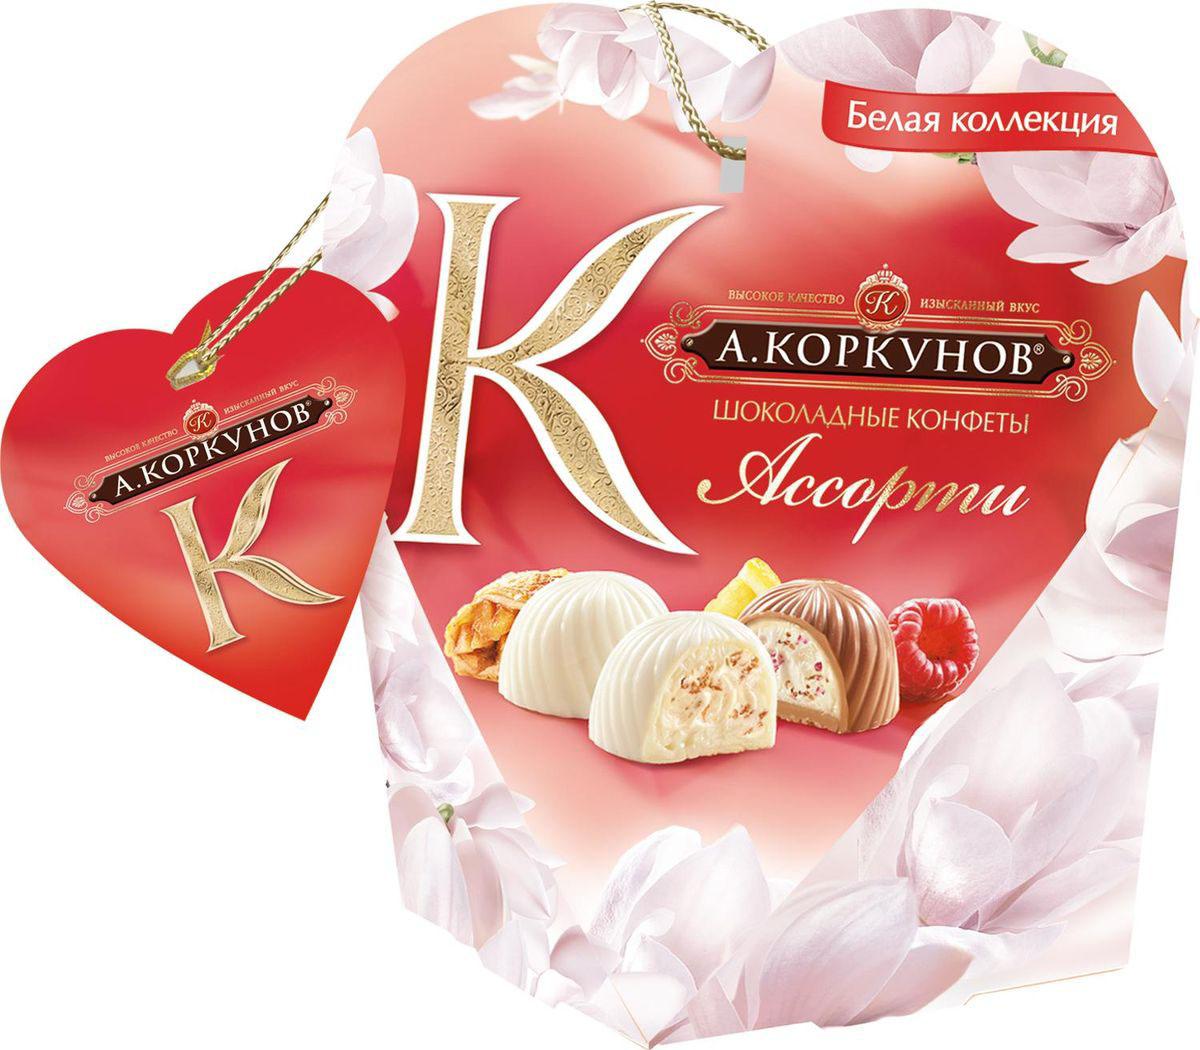 А.Коркунов белая коллекция Ассорти конфеты белый и молочный шоколад, 75 г а коркунов ассорти конфеты молочный шоколад 137 г